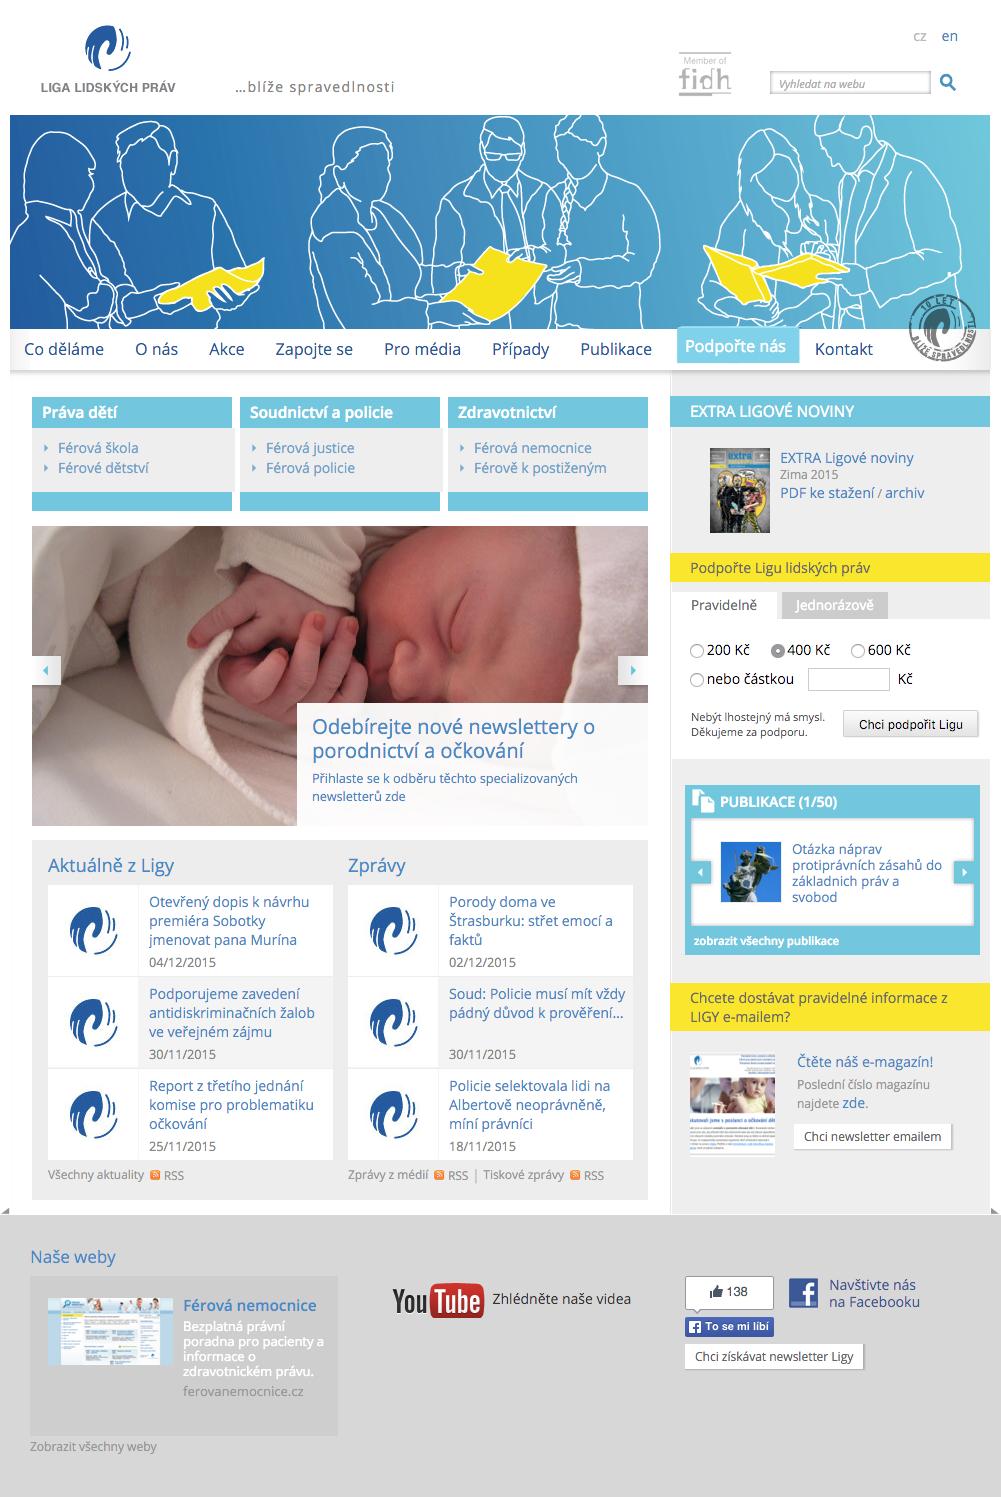 Liga lidských práv - realizace, Webdesign